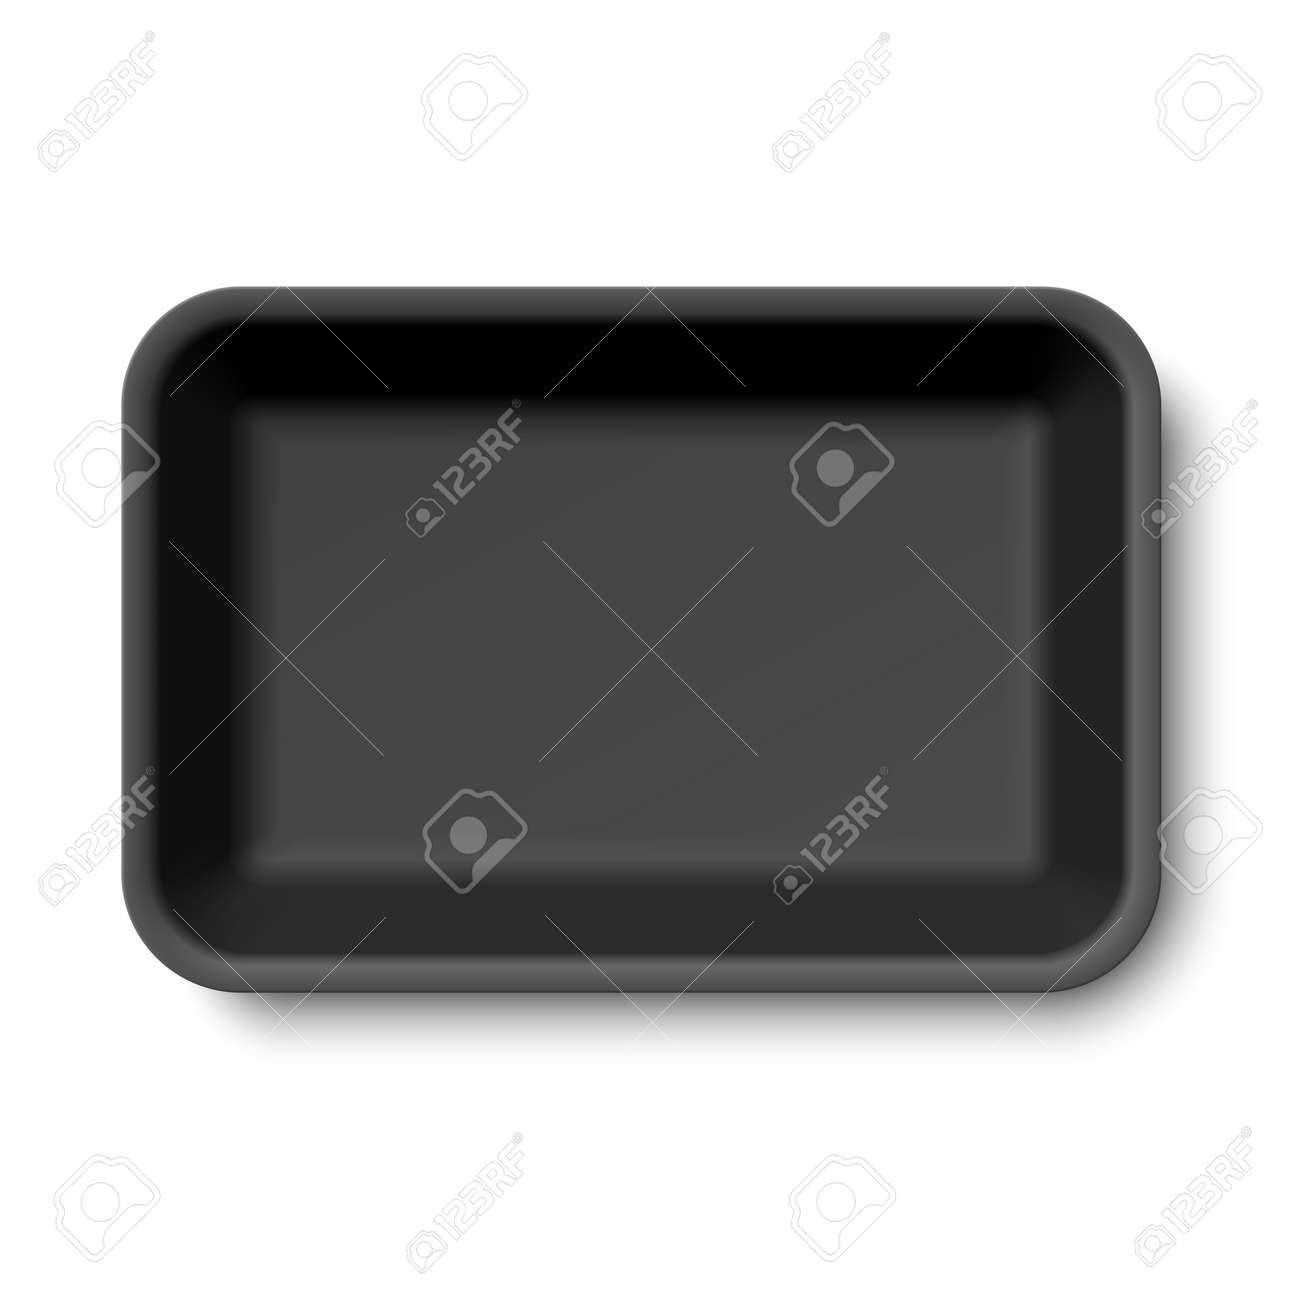 Black empty styrofoam food tray - 51741193